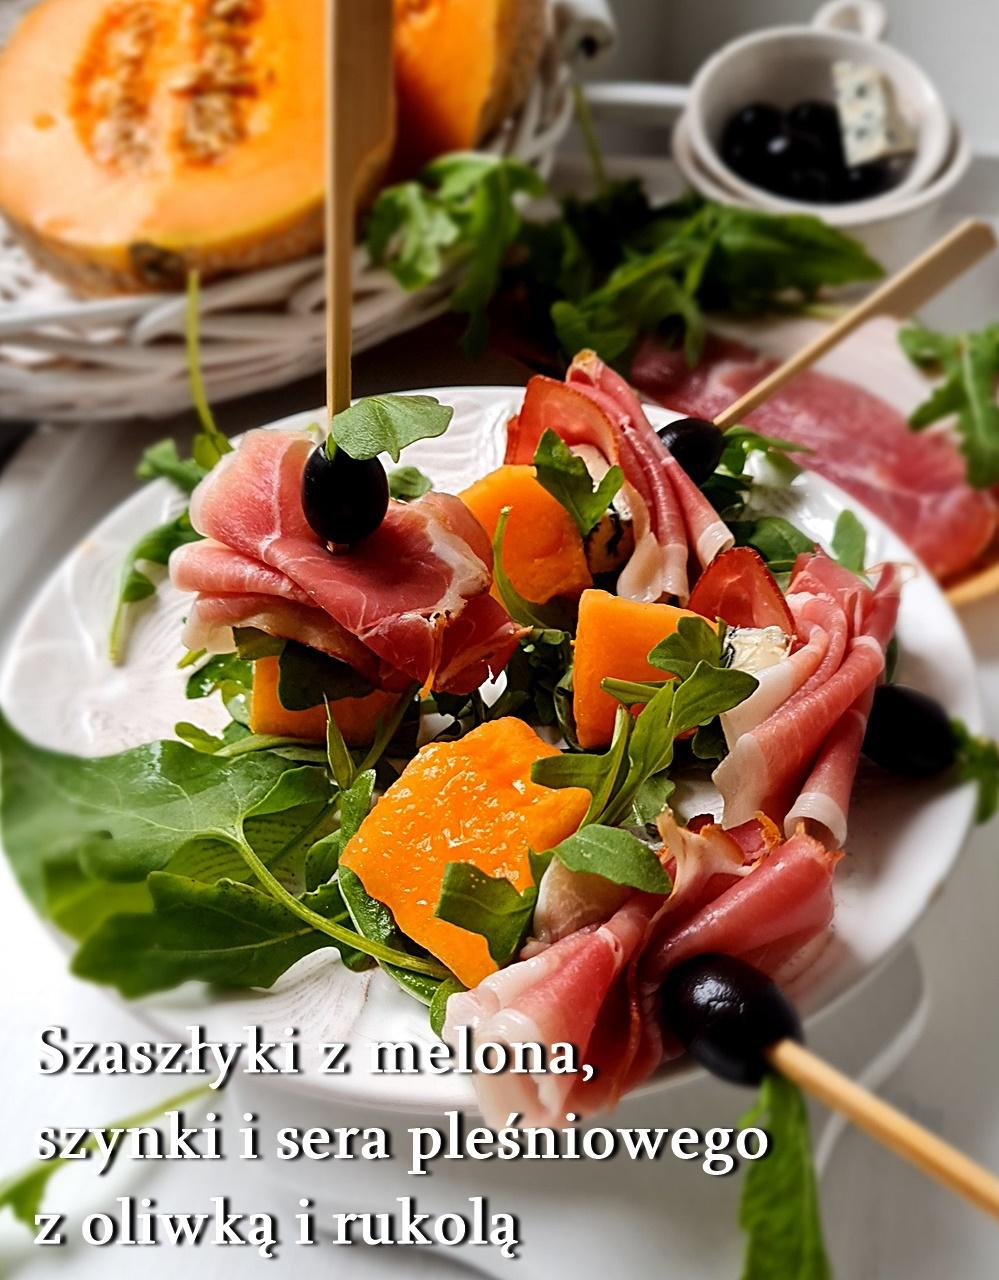 Koreczki z melona, szynki i sera pleśniowego z oliwką i rukolą